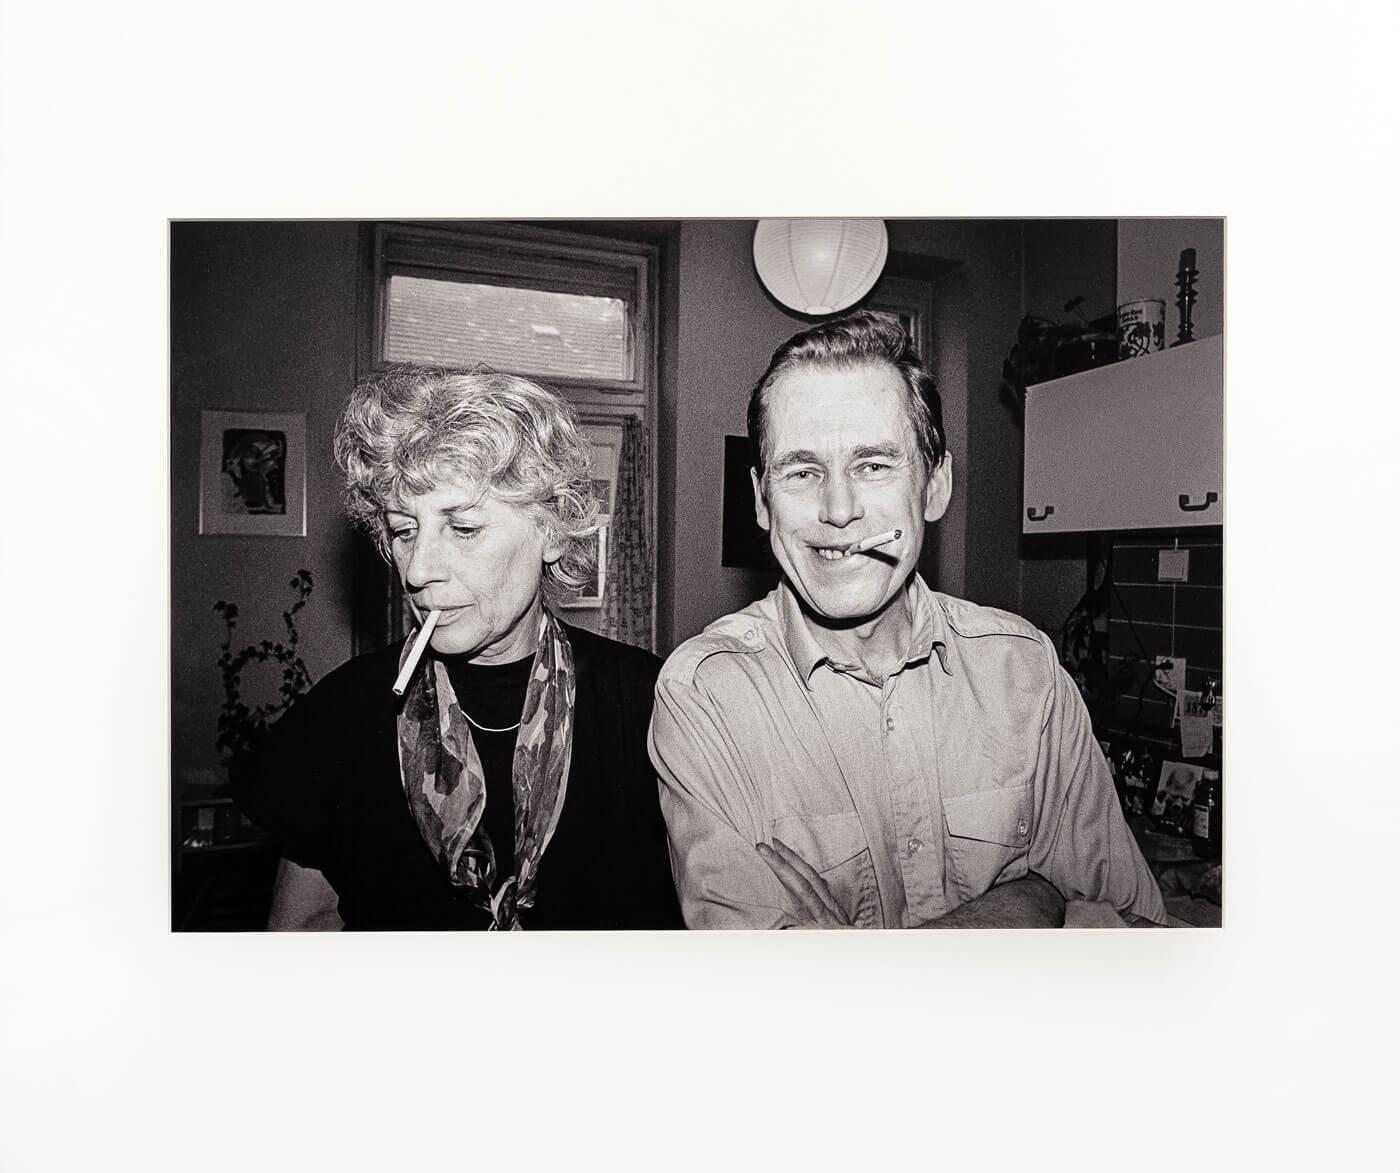 Portrét Manželů Havlových; foto: Dobrovsky